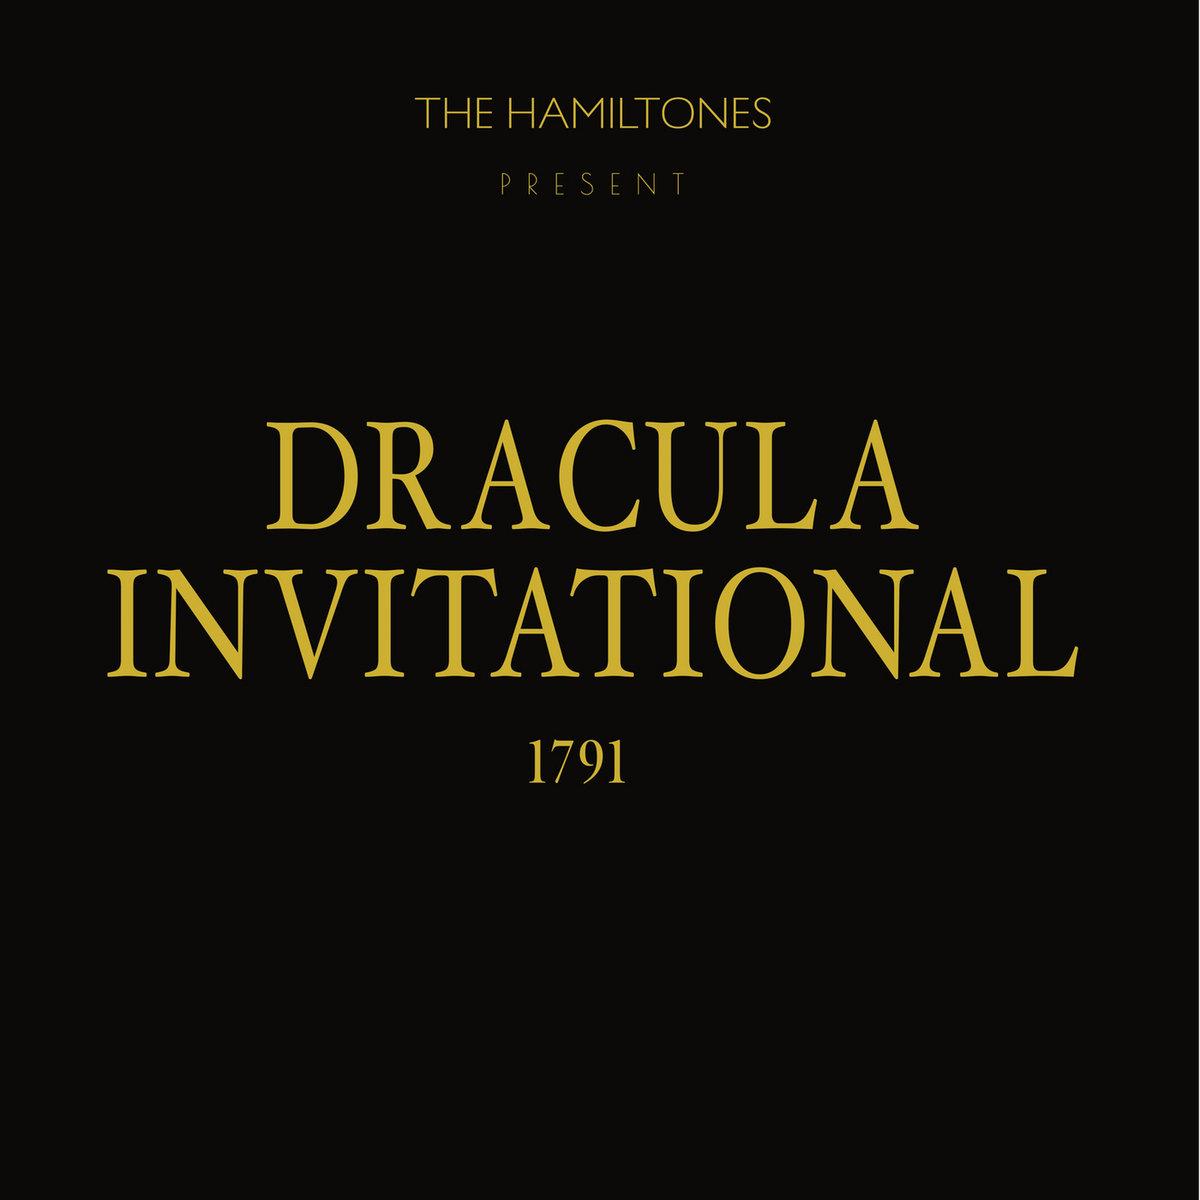 The Hamiltons - Dracula Invitational, 1791 LP - Big Neck Records